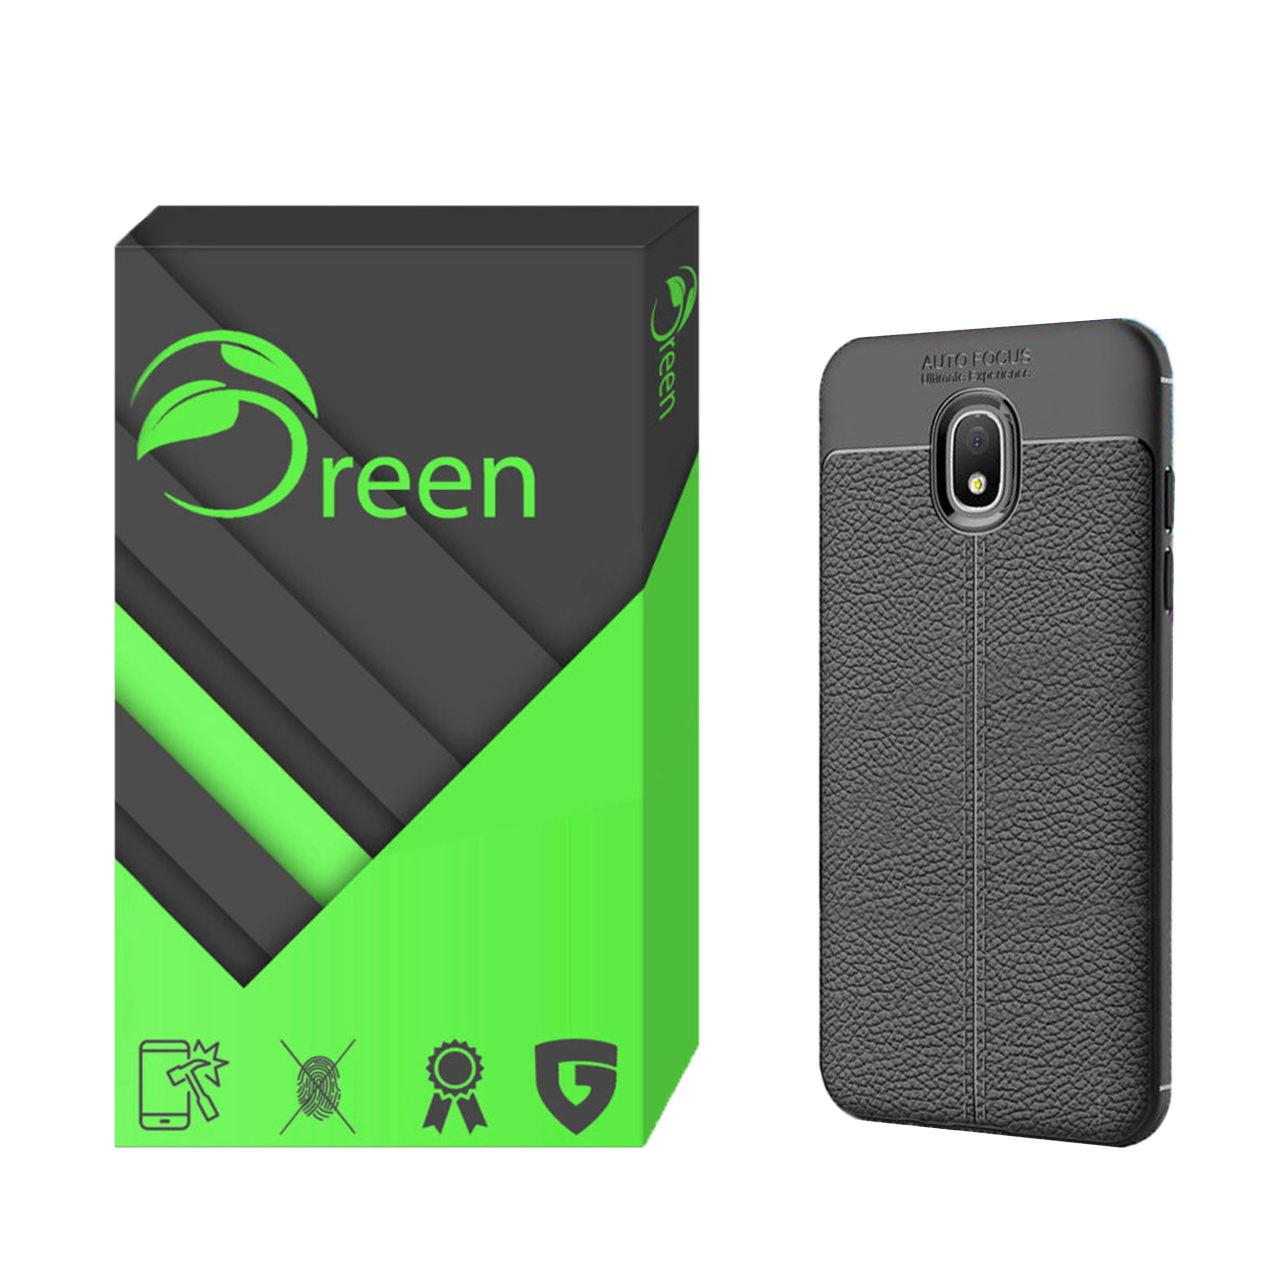 کاور گرین مدل AF-001 مناسب برای گوشی موبایل سامسونگ Galaxy J5 Pro/ J530